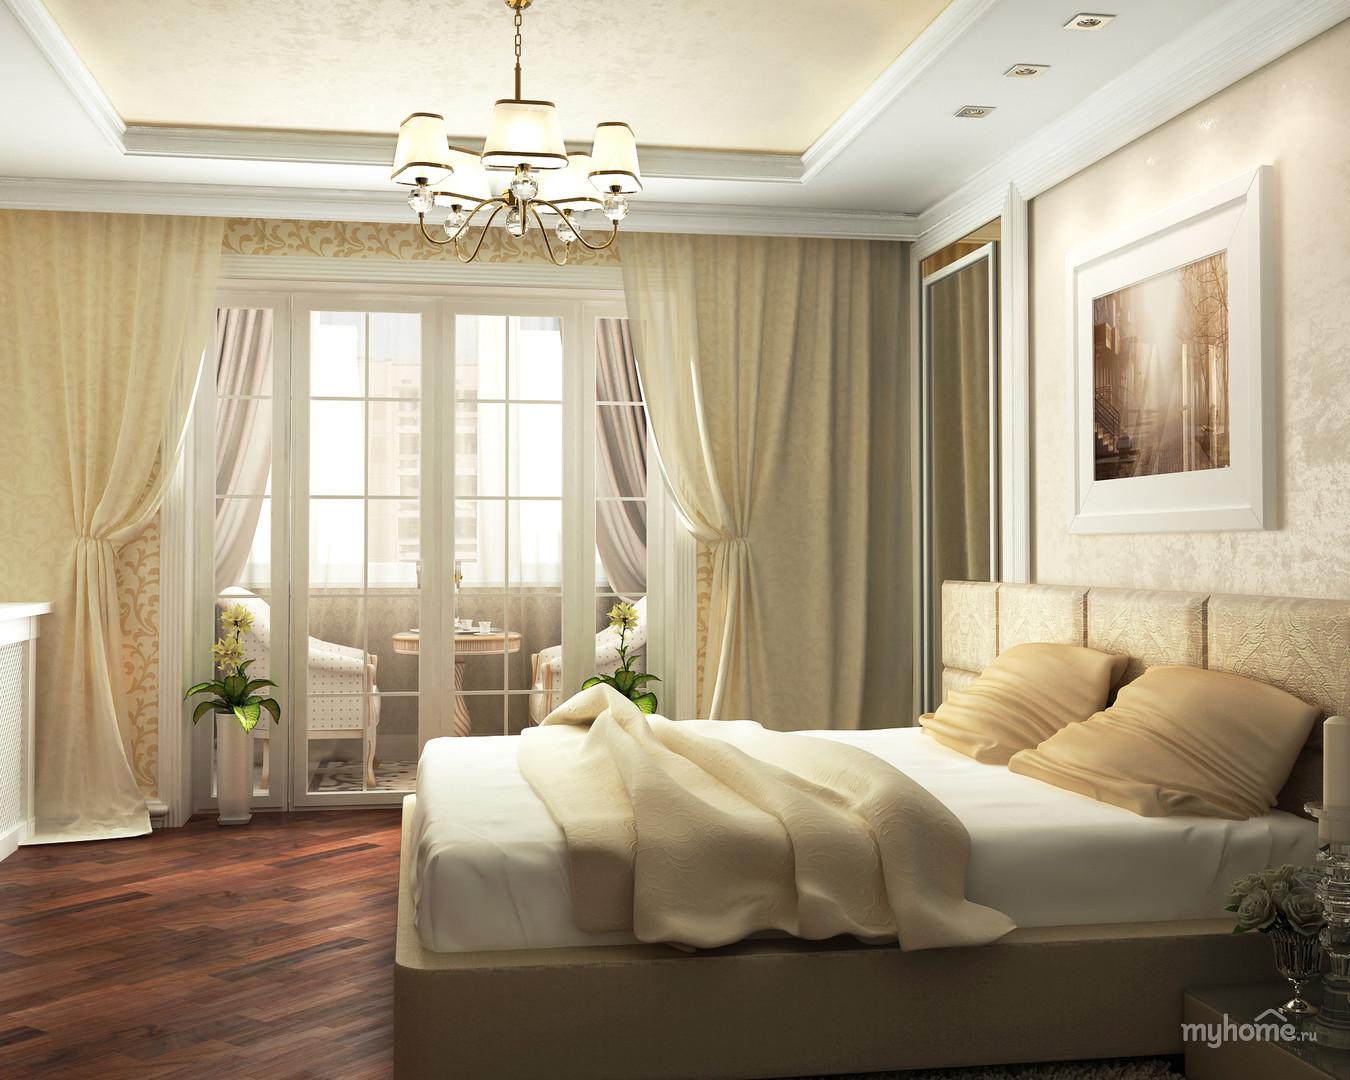 """Дизайн прямоугольной спальни с балконом """" картинки и фотогра."""